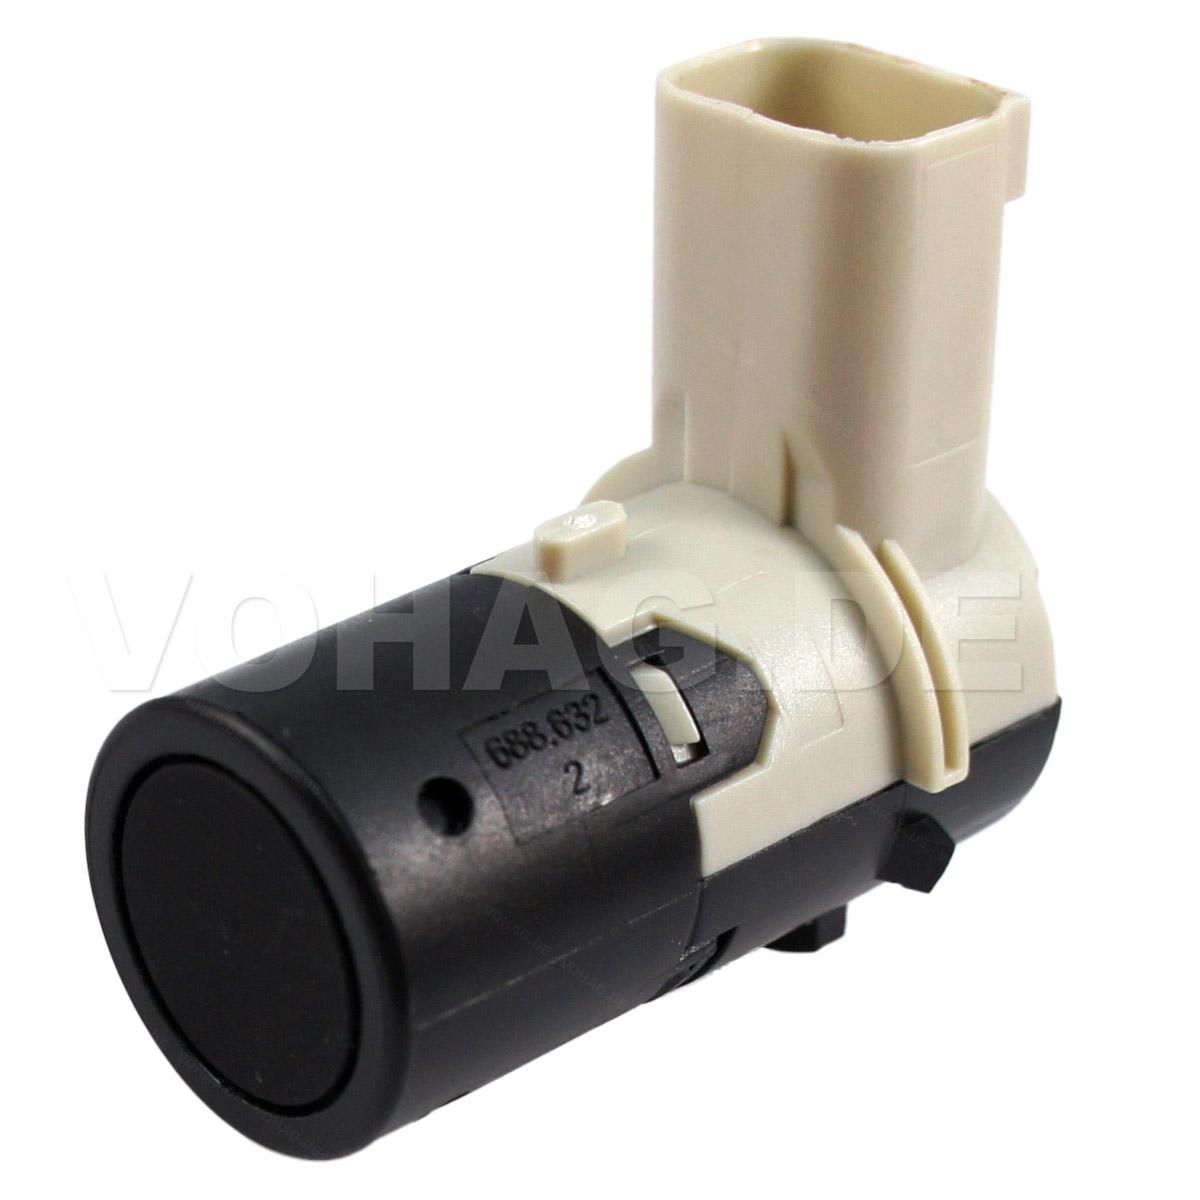 bmw parking sensor pdc 5 series ultrasound e39 front rear. Black Bedroom Furniture Sets. Home Design Ideas